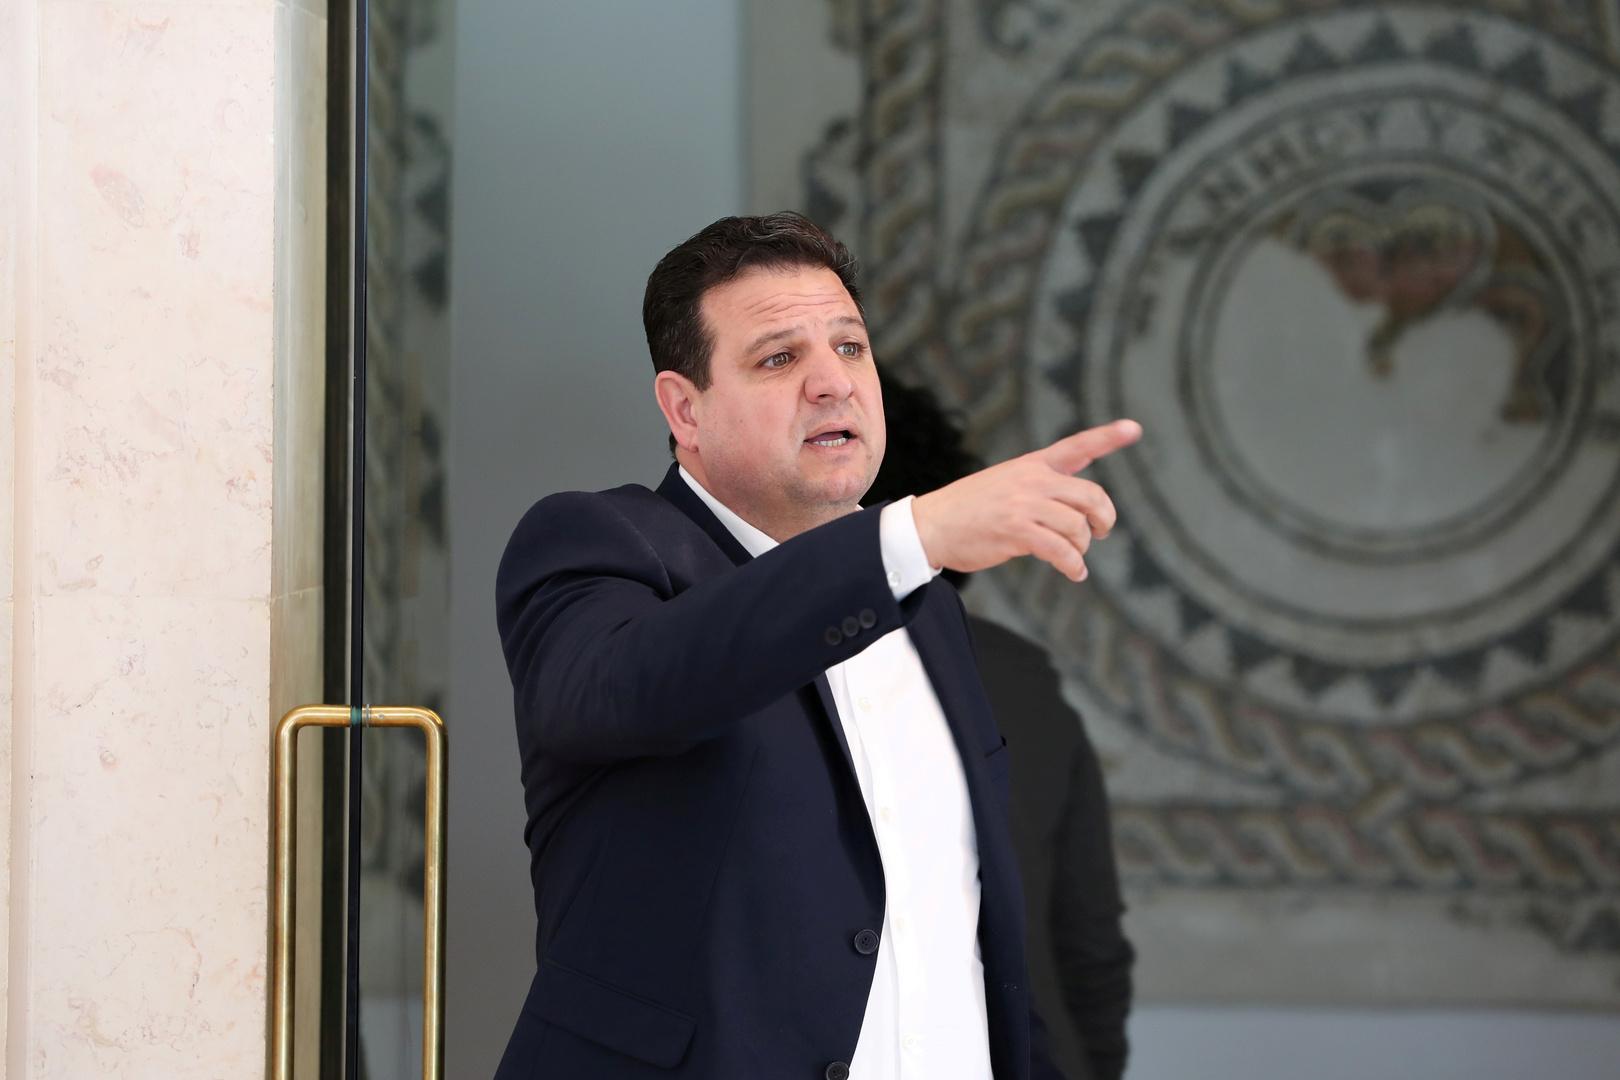 رئيس القائمة المشتركة النائب أيمن عودة يعلن إصابته بفيروس كورونا